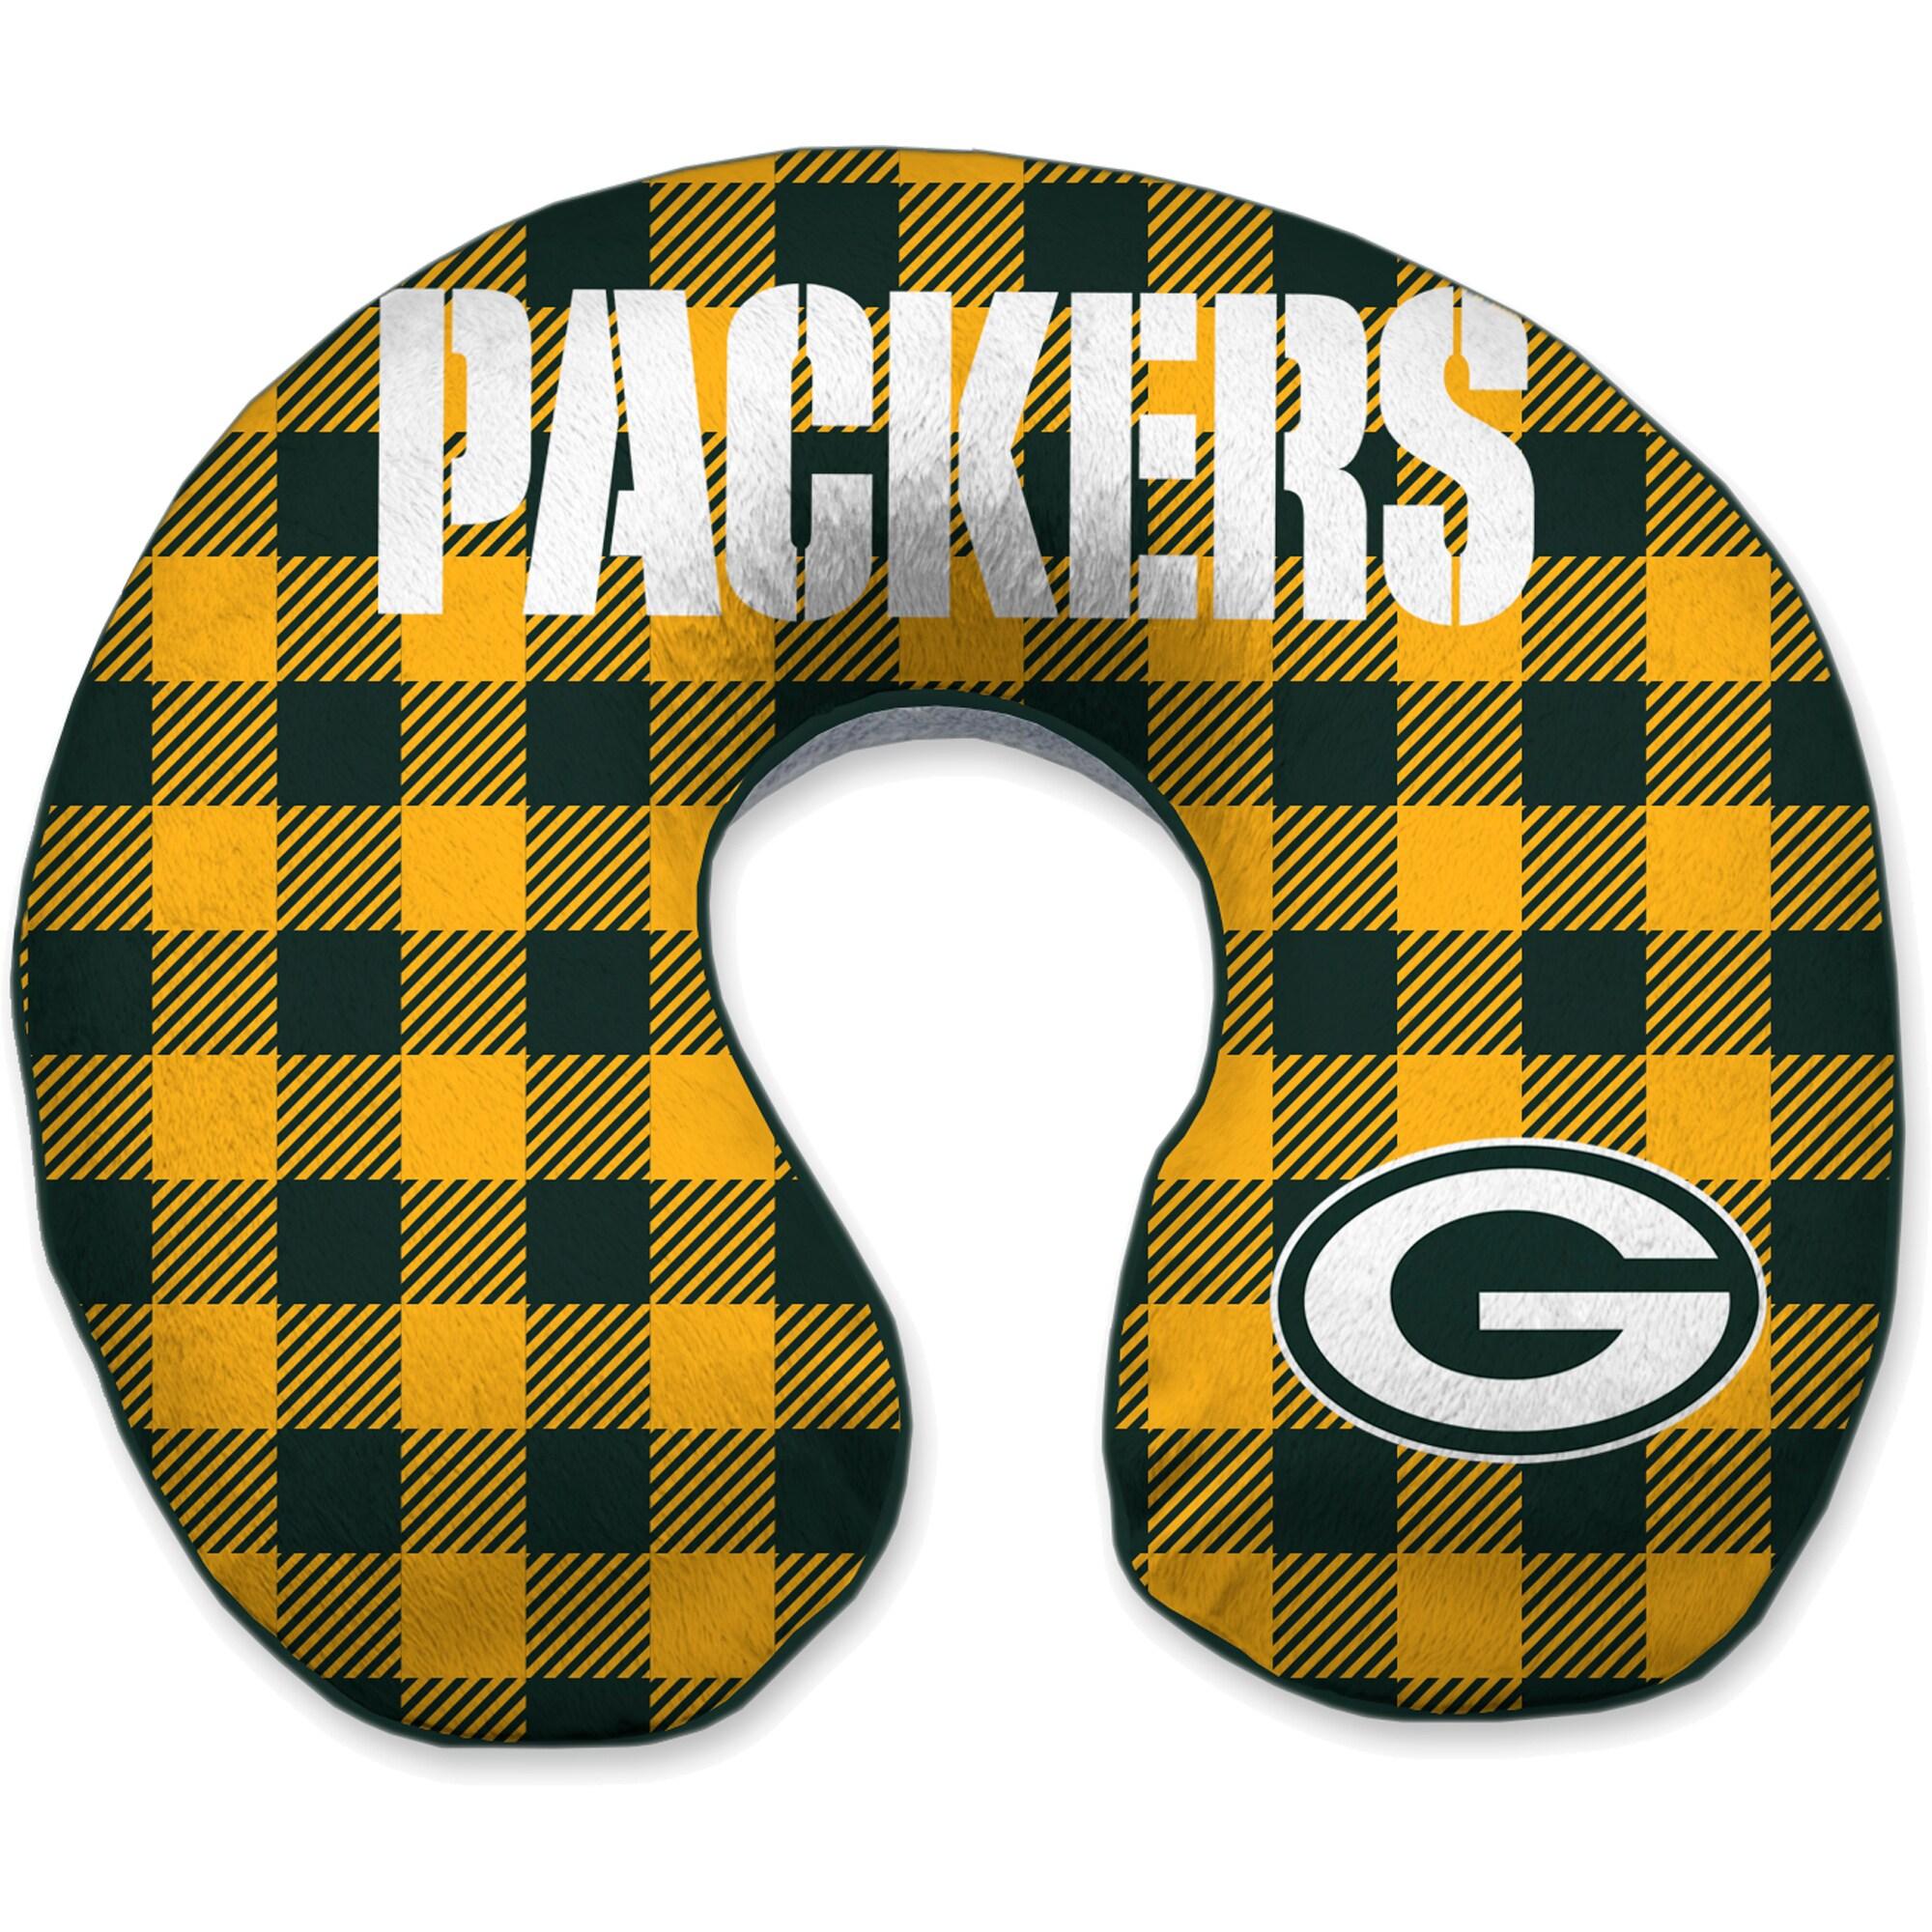 Green Bay Packers Buffalo Check Sherpa Memory Foam Travel Pillow - Green